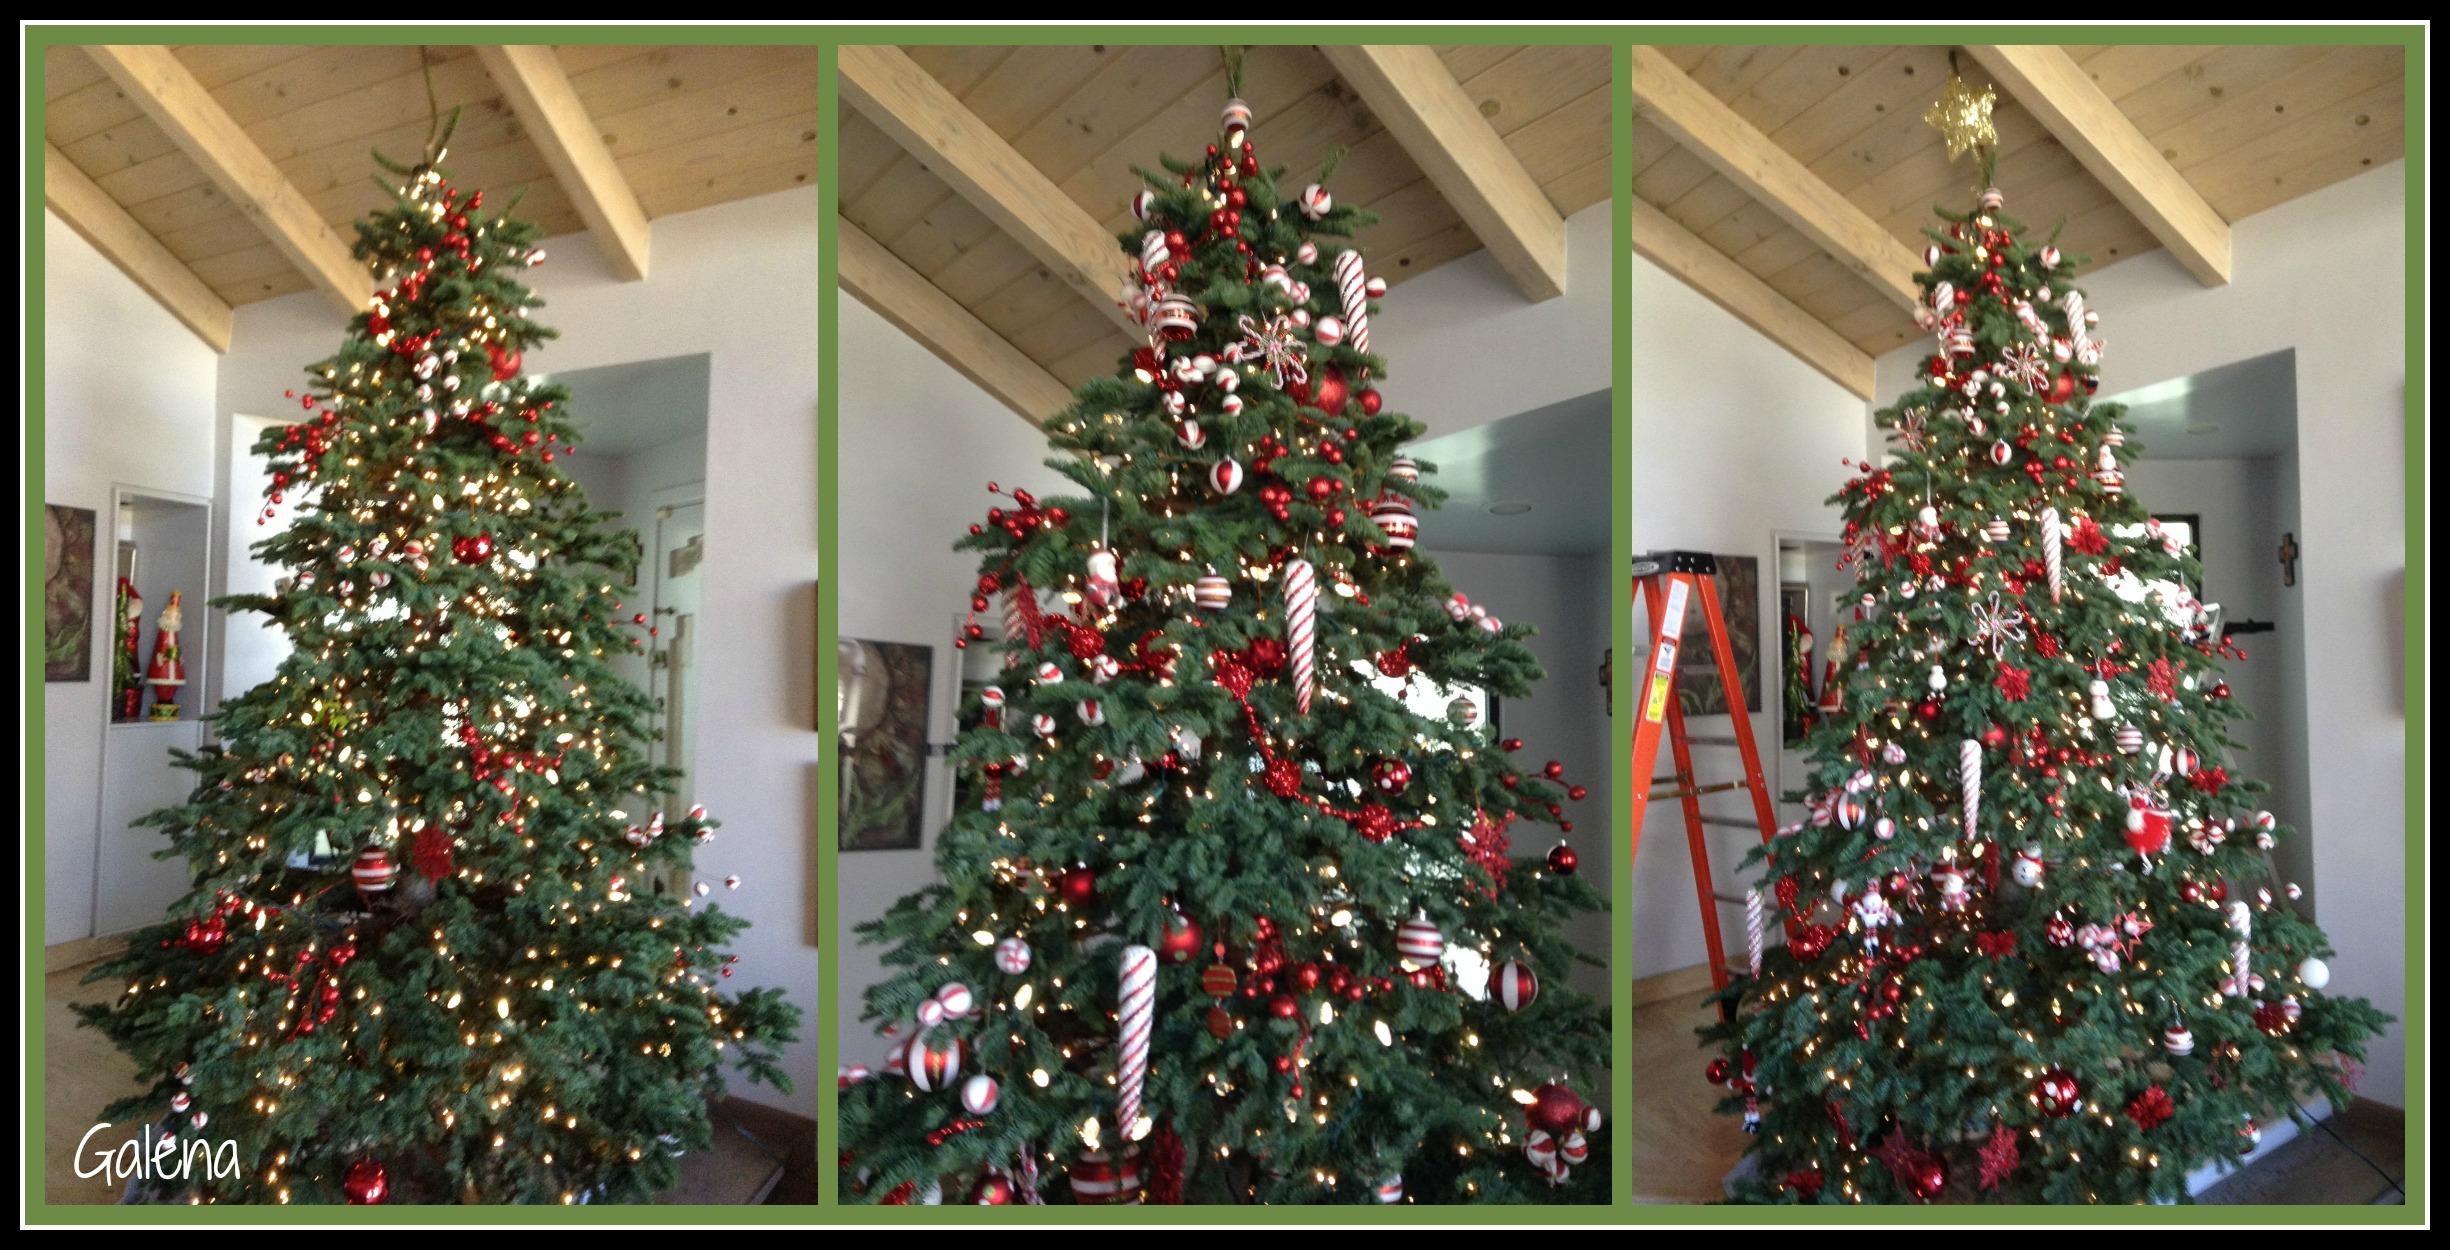 Ideas Para Decorar El Arbol De Navidad Mi Arbol En El 2014 Ana - Como-decorar-el-arbol-navideo